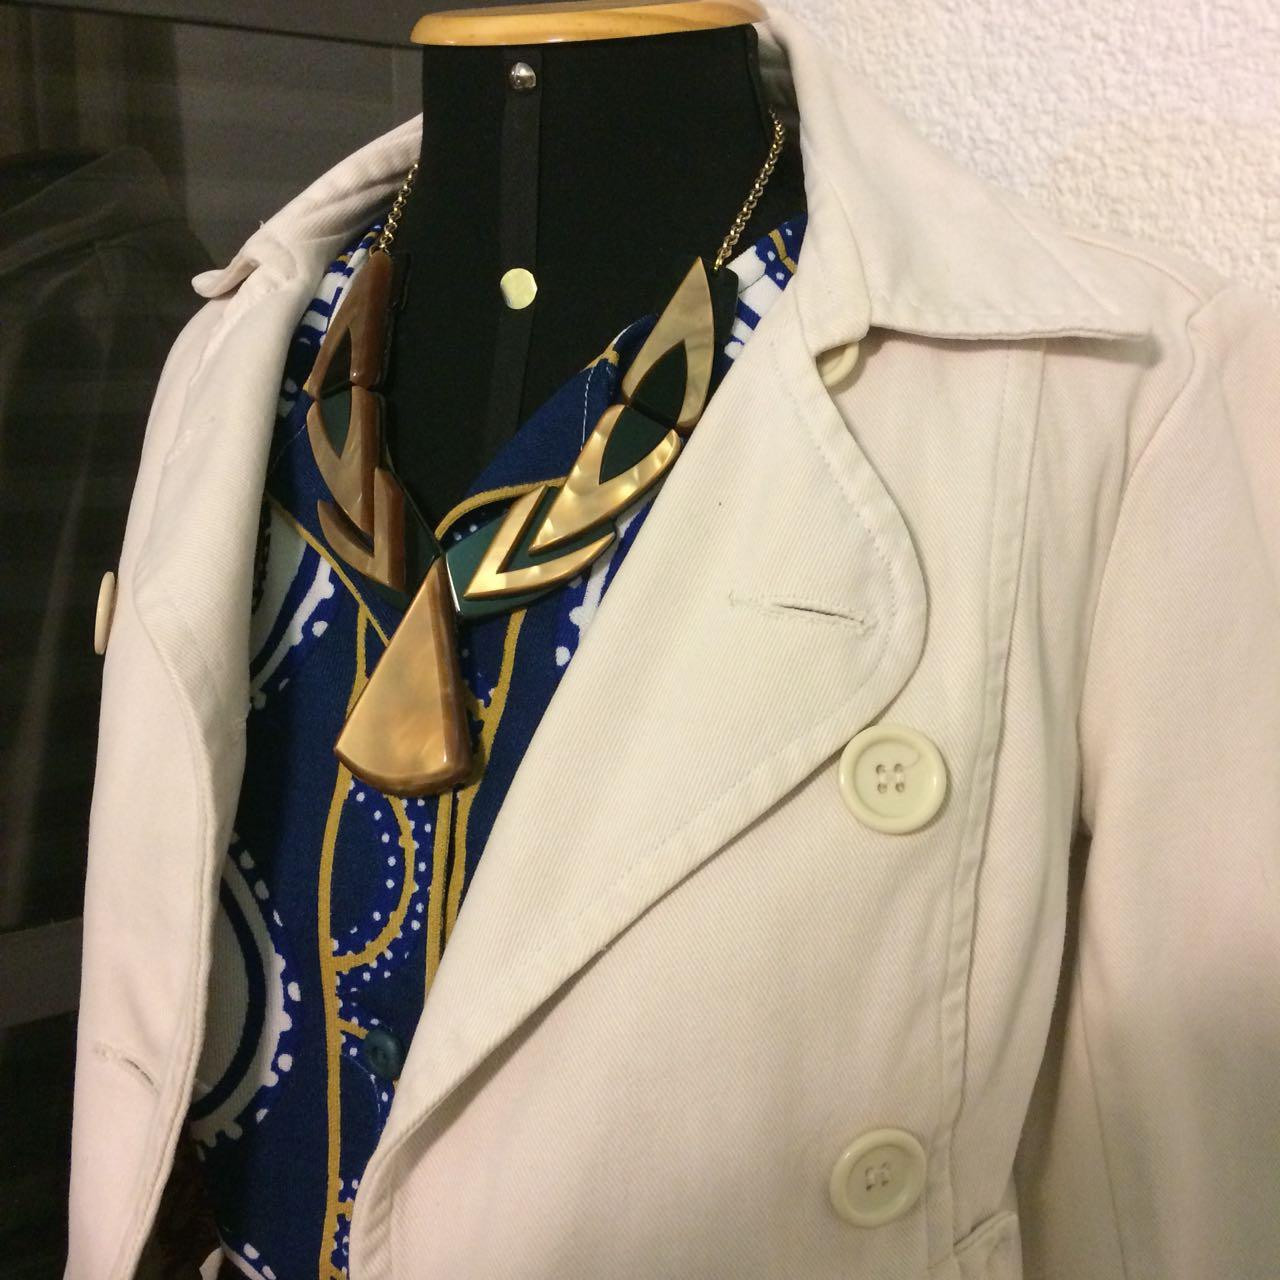 Entreroupas guarda-roupa compartilhado Campinas 4